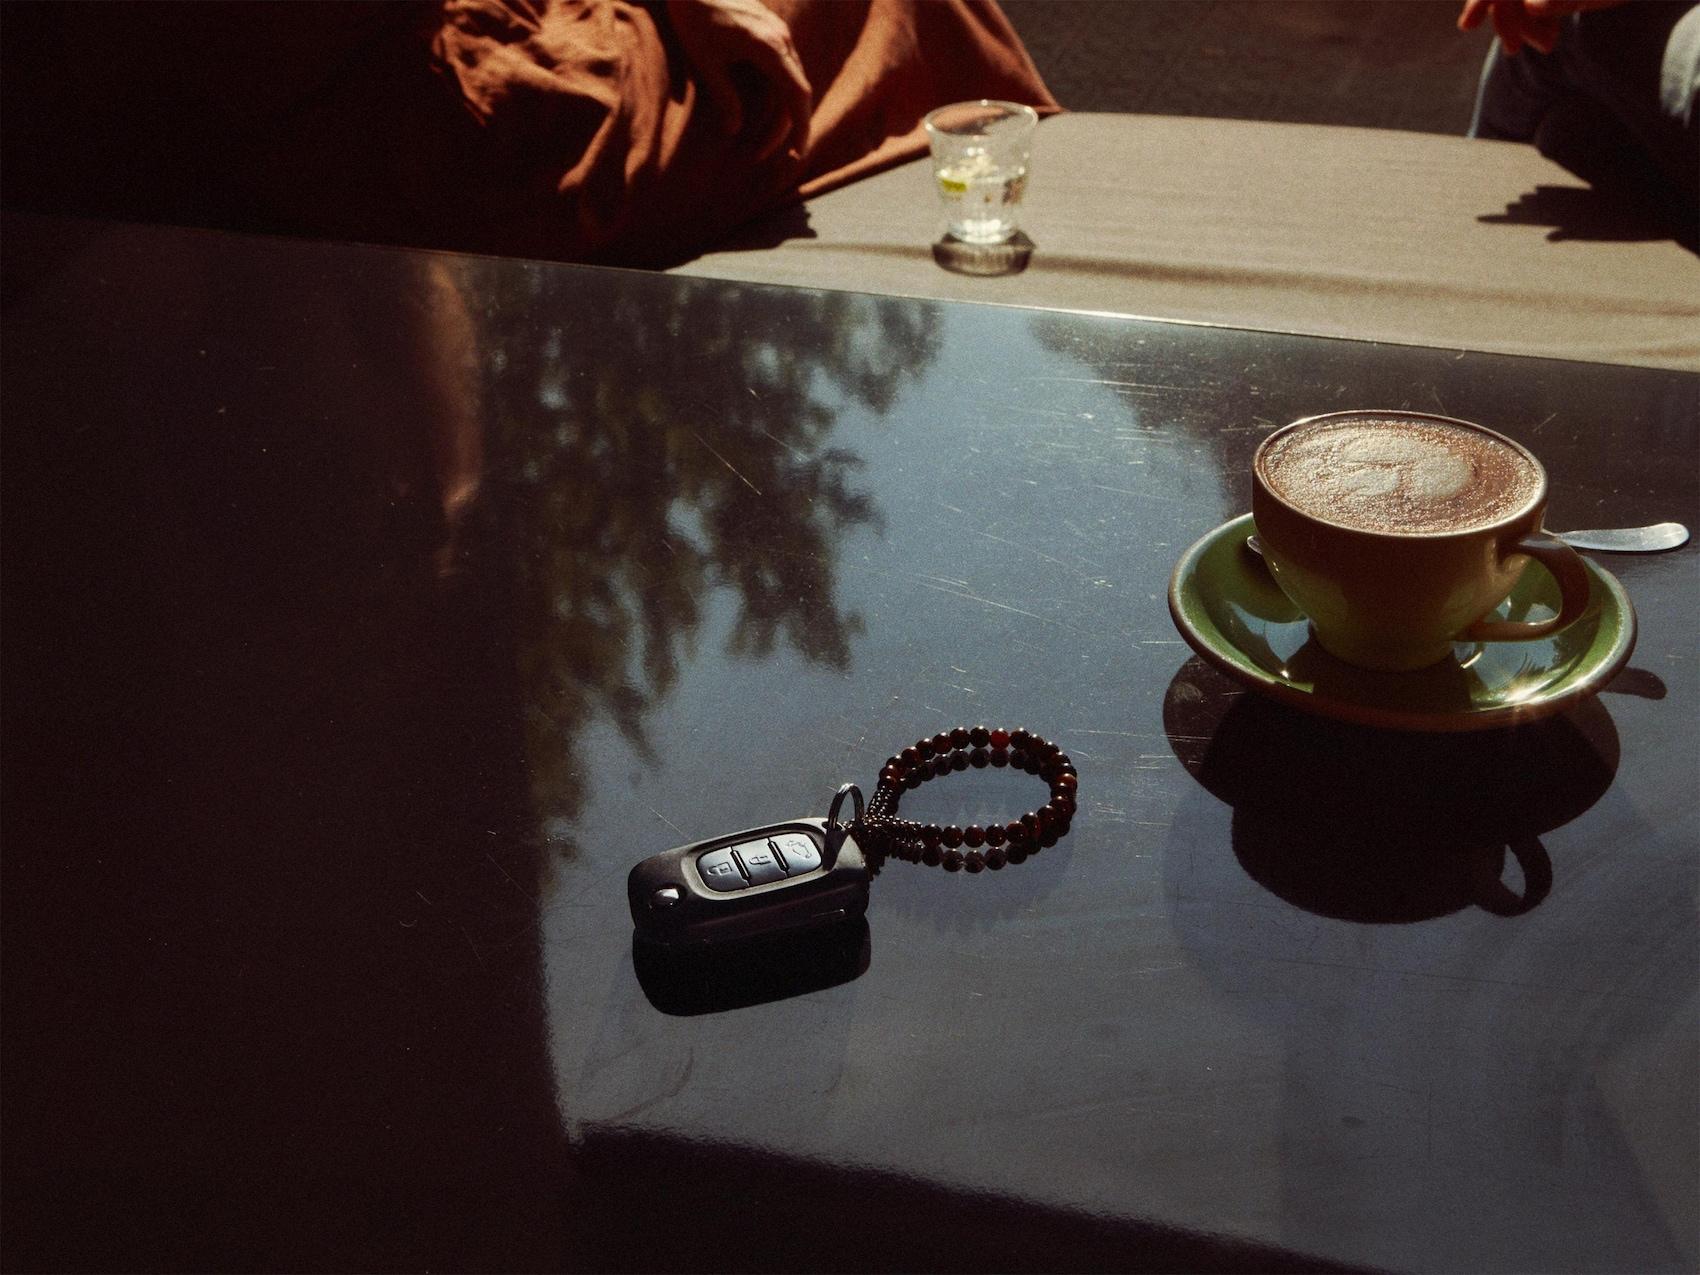 La clé de voiture se trouve sur une table à côté d'une tasse de café.